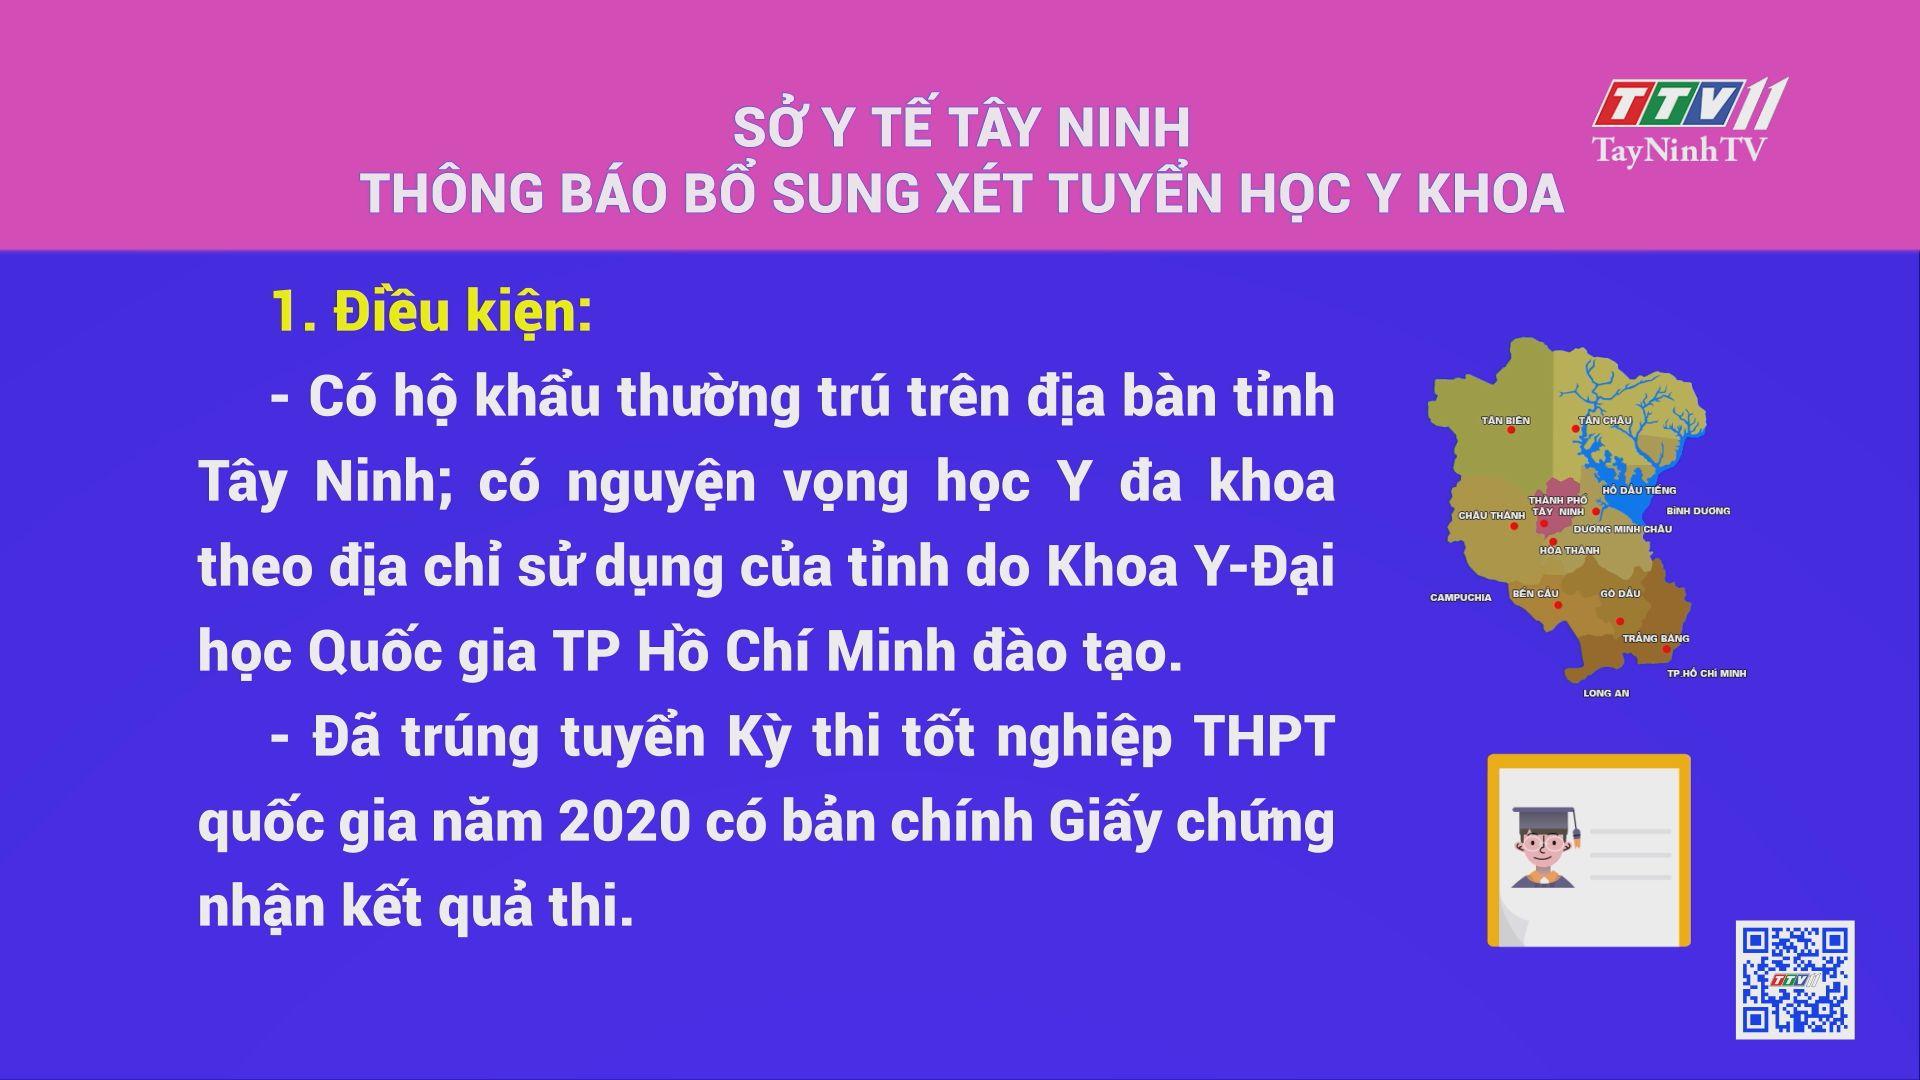 Sở Y tế Tây Ninh thông báo bổ sung xét tuyển học y khoa | TayNinhTV